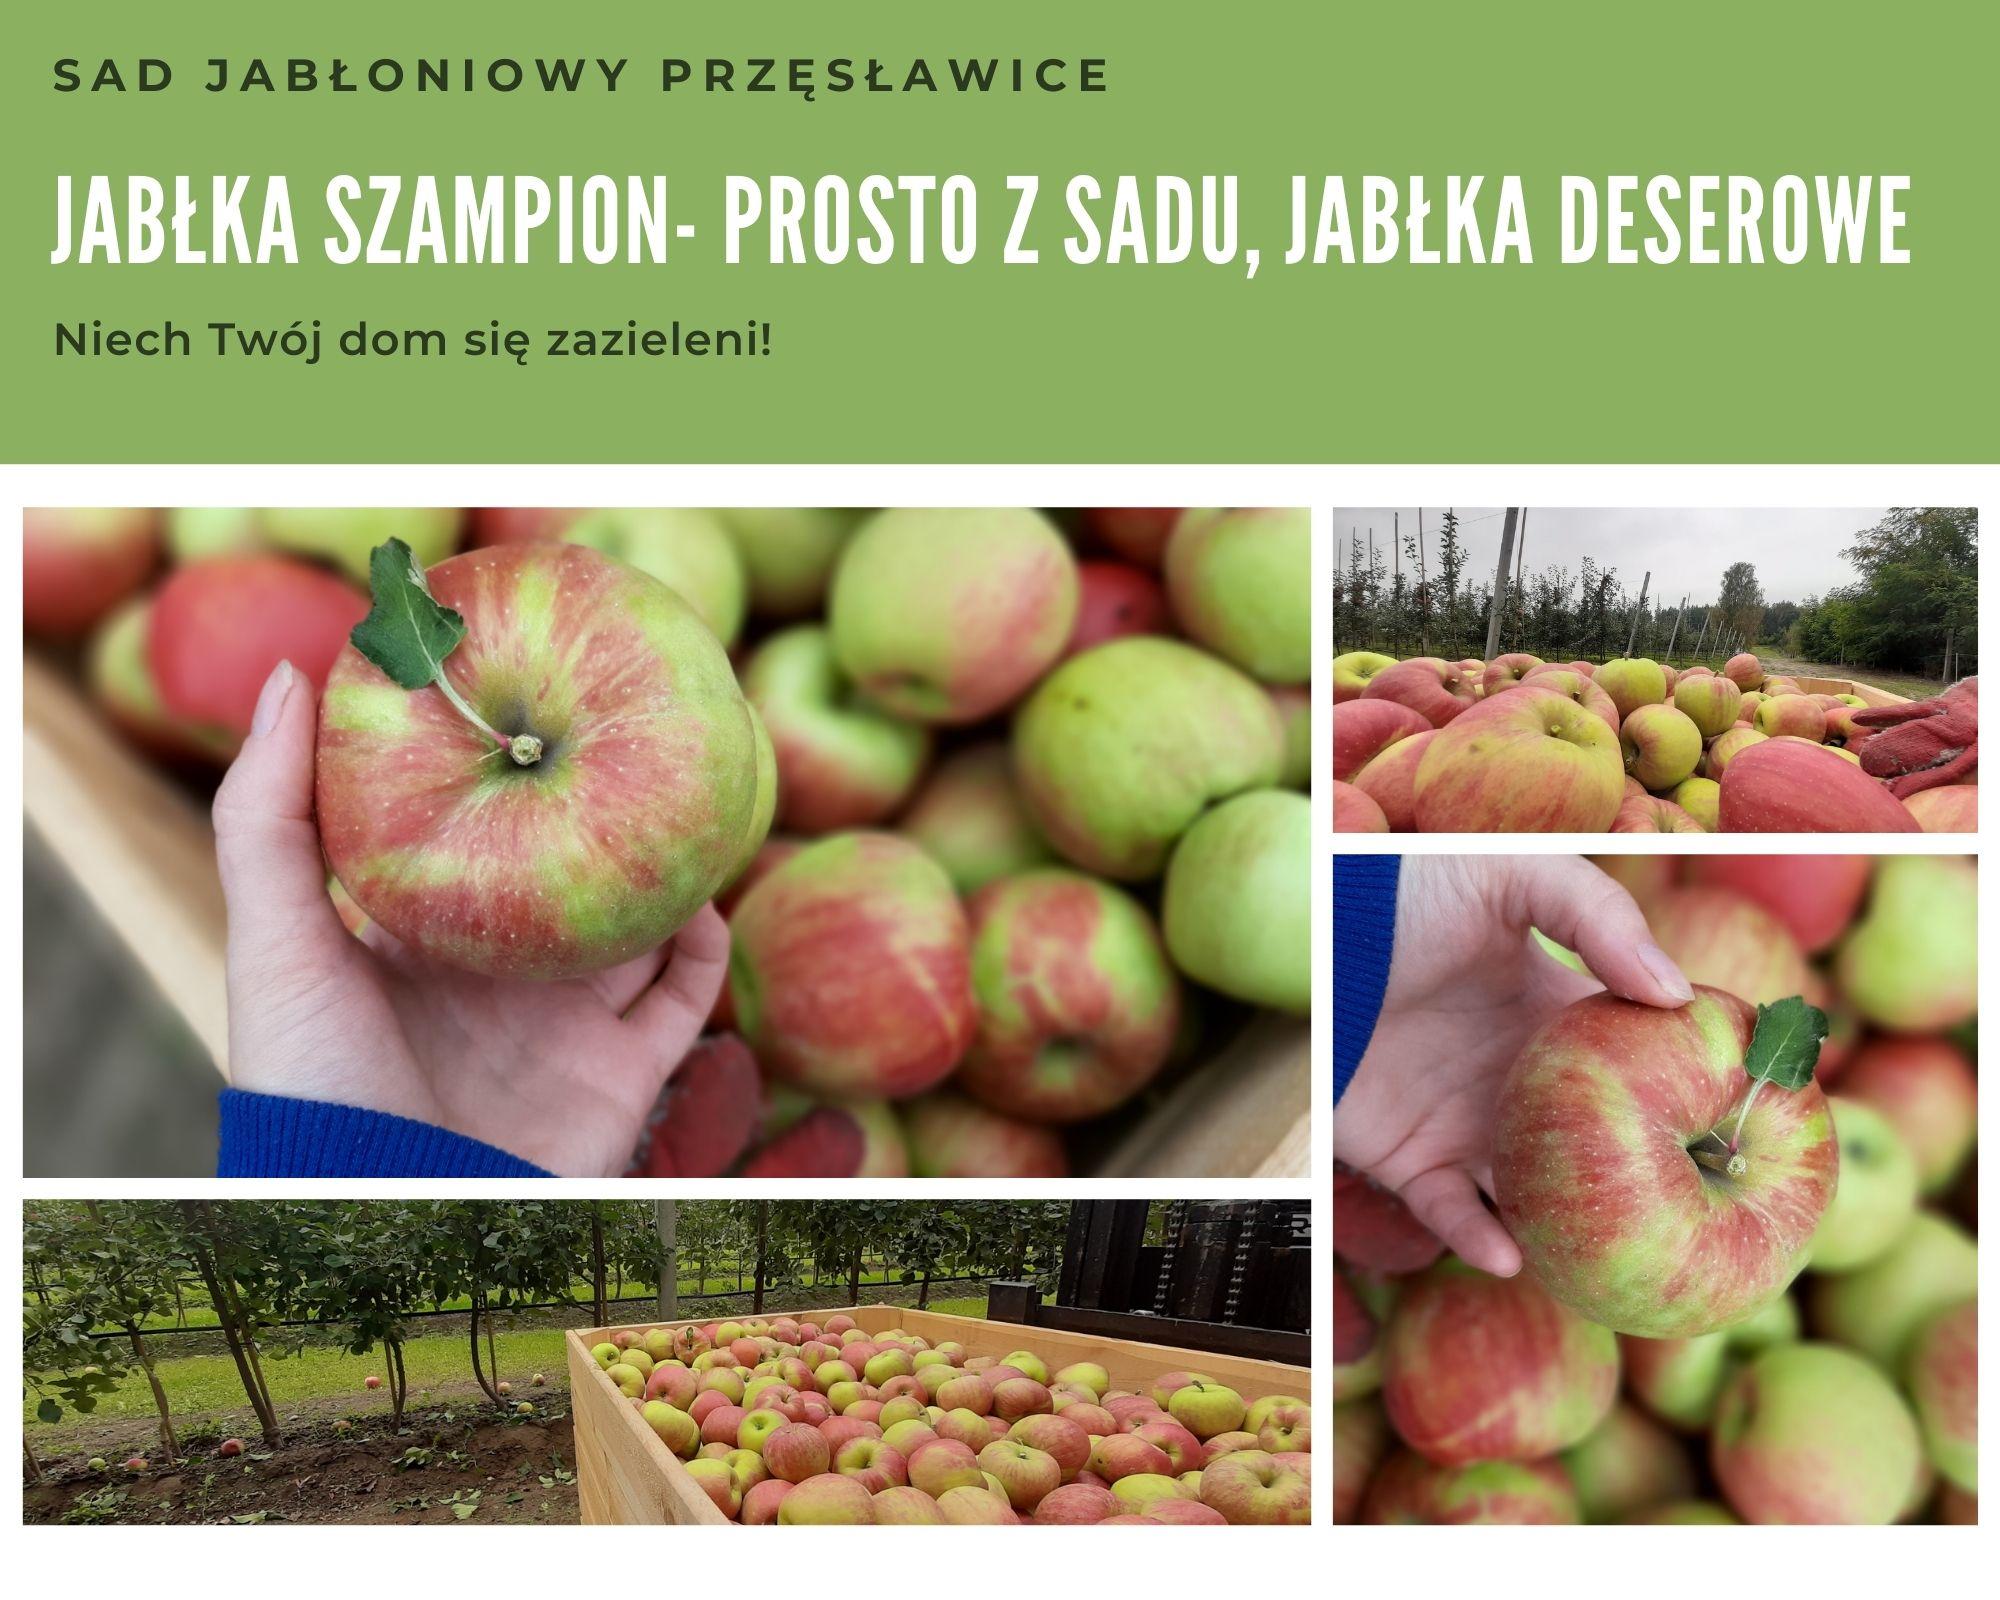 Sad jabłoniowy przęsławice